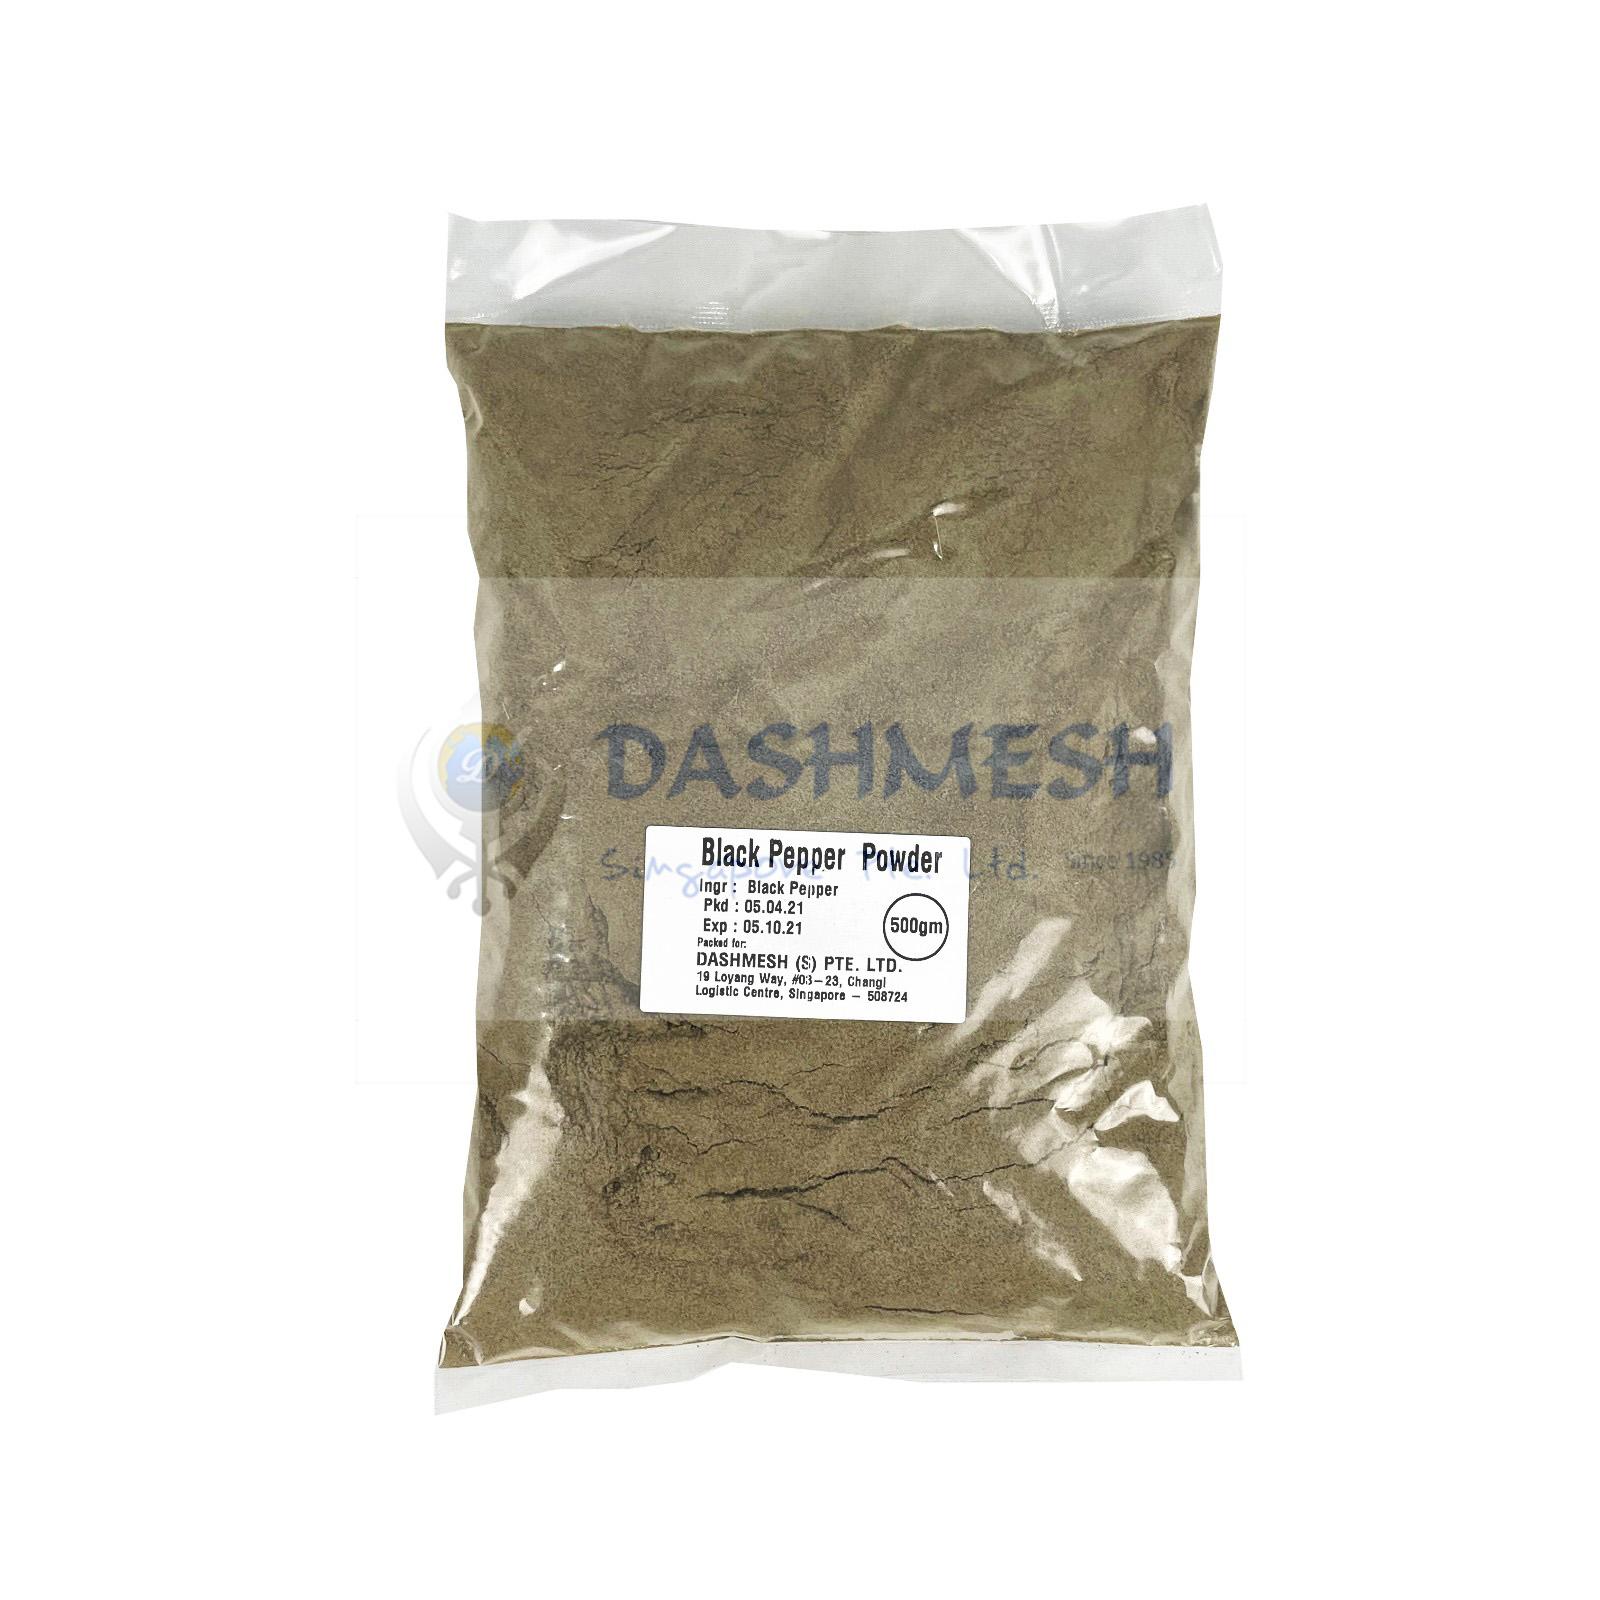 Black Pepper Powder (A Grade) 500g